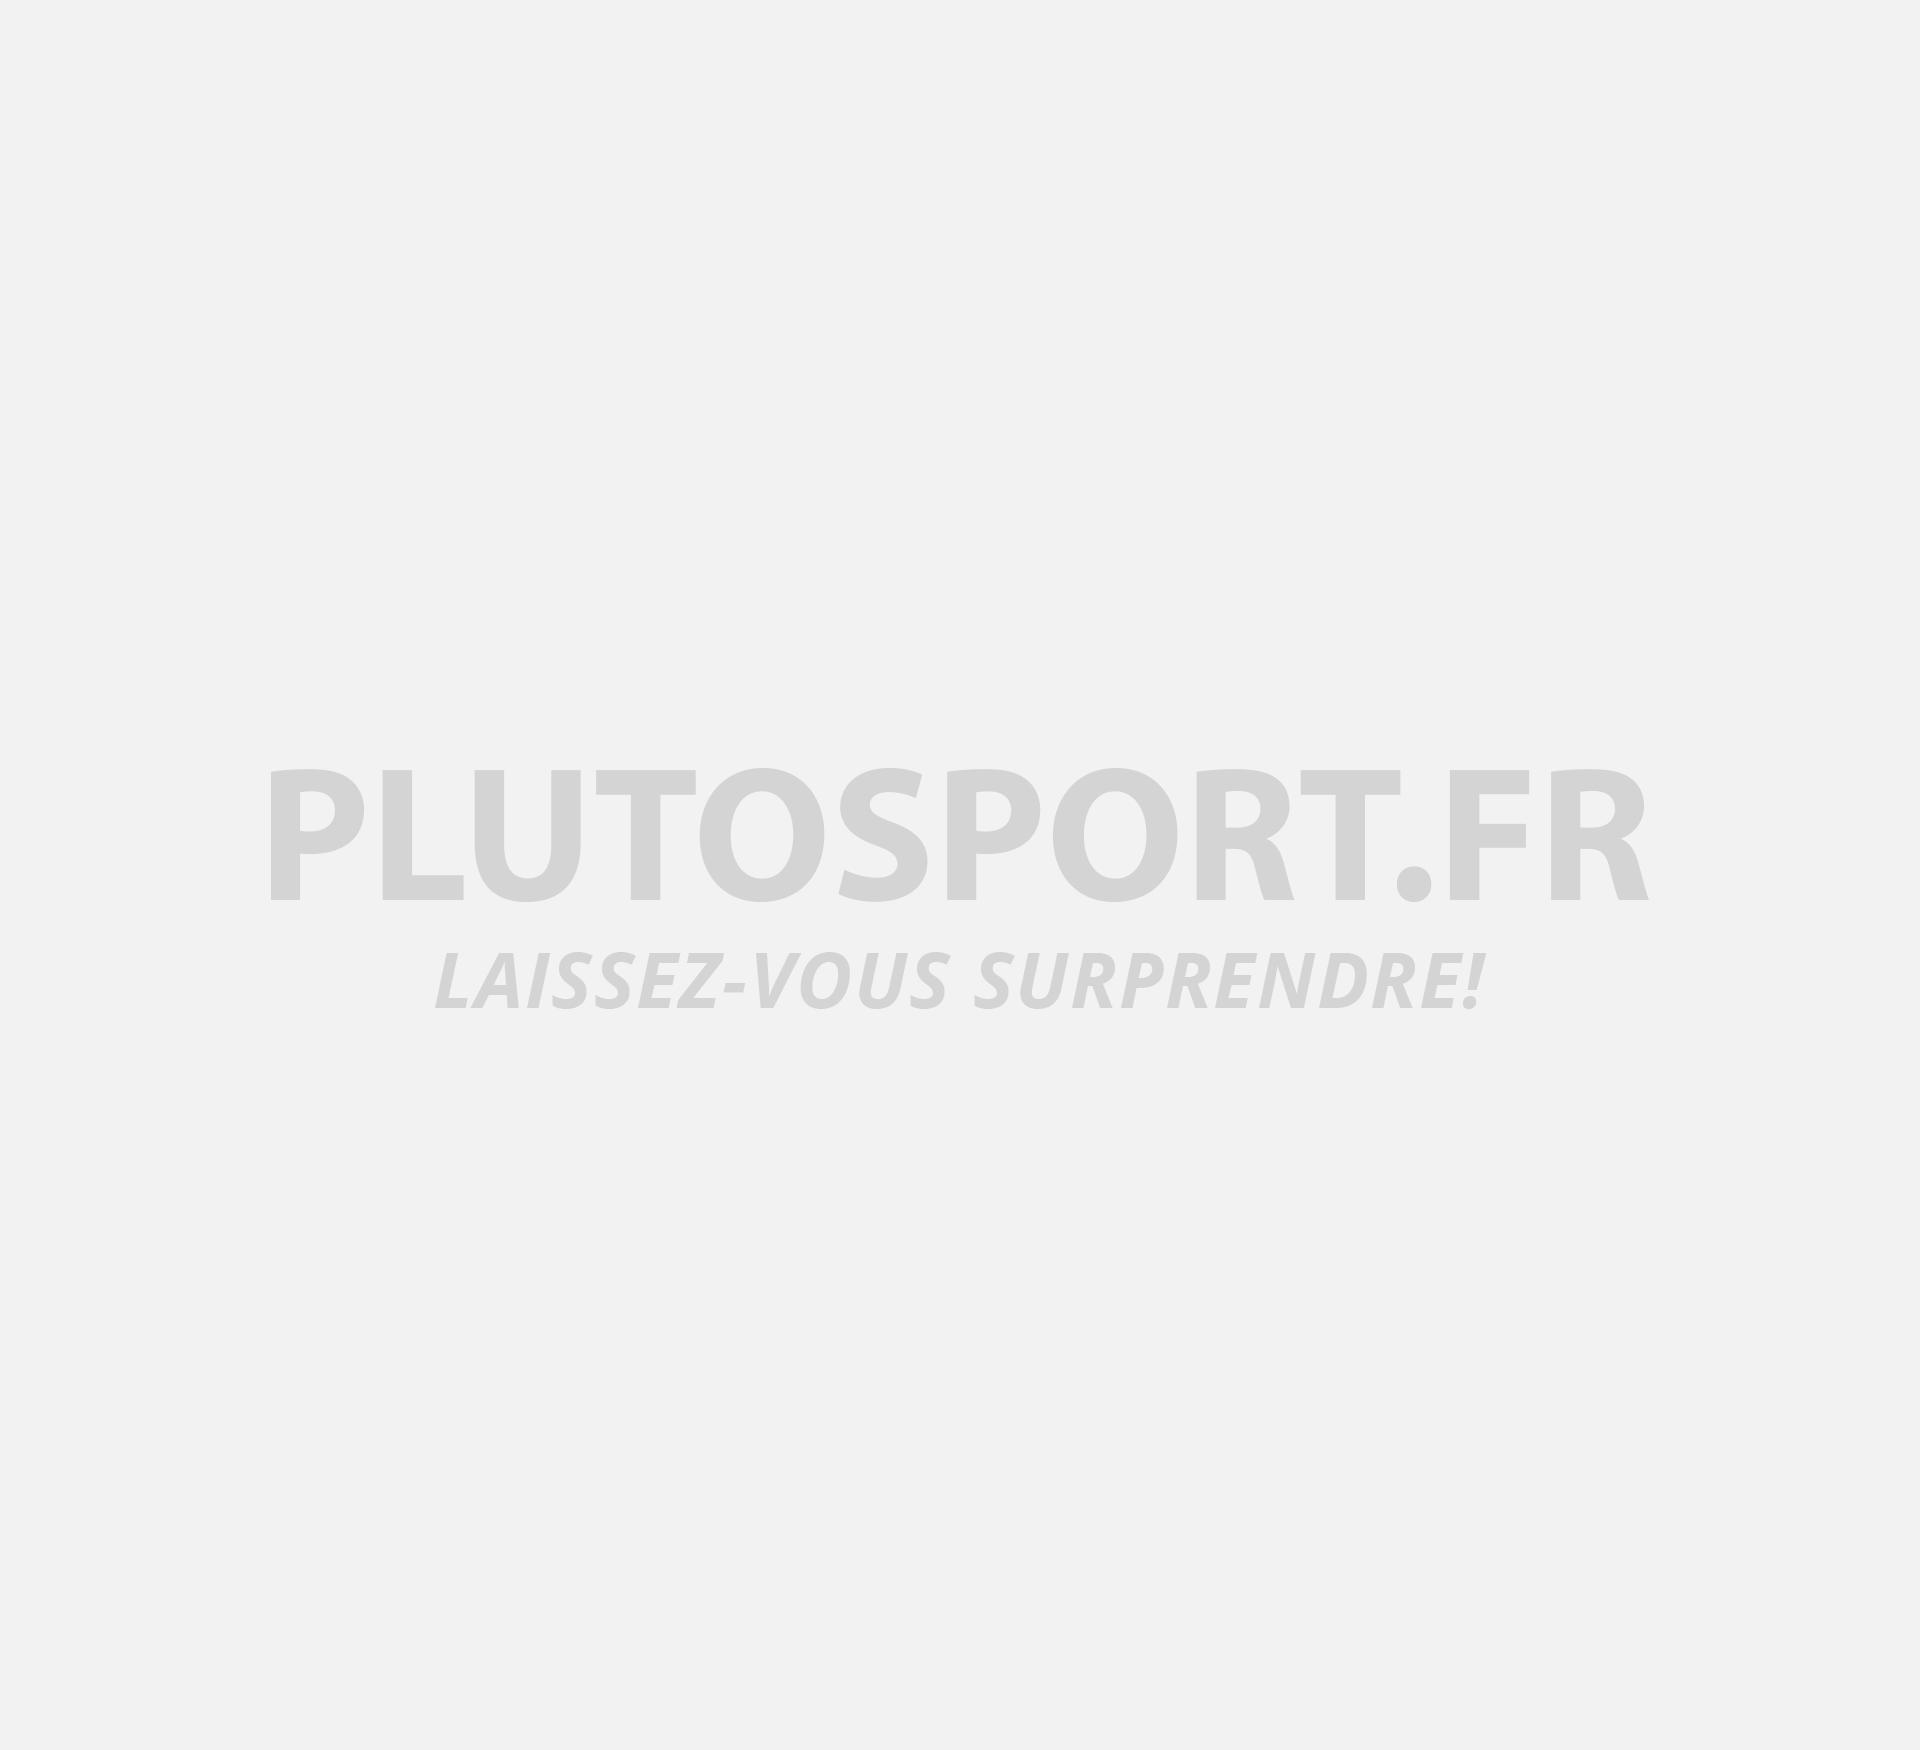 Hugo Boss Brief Boxershorts Hommes (3-pack)